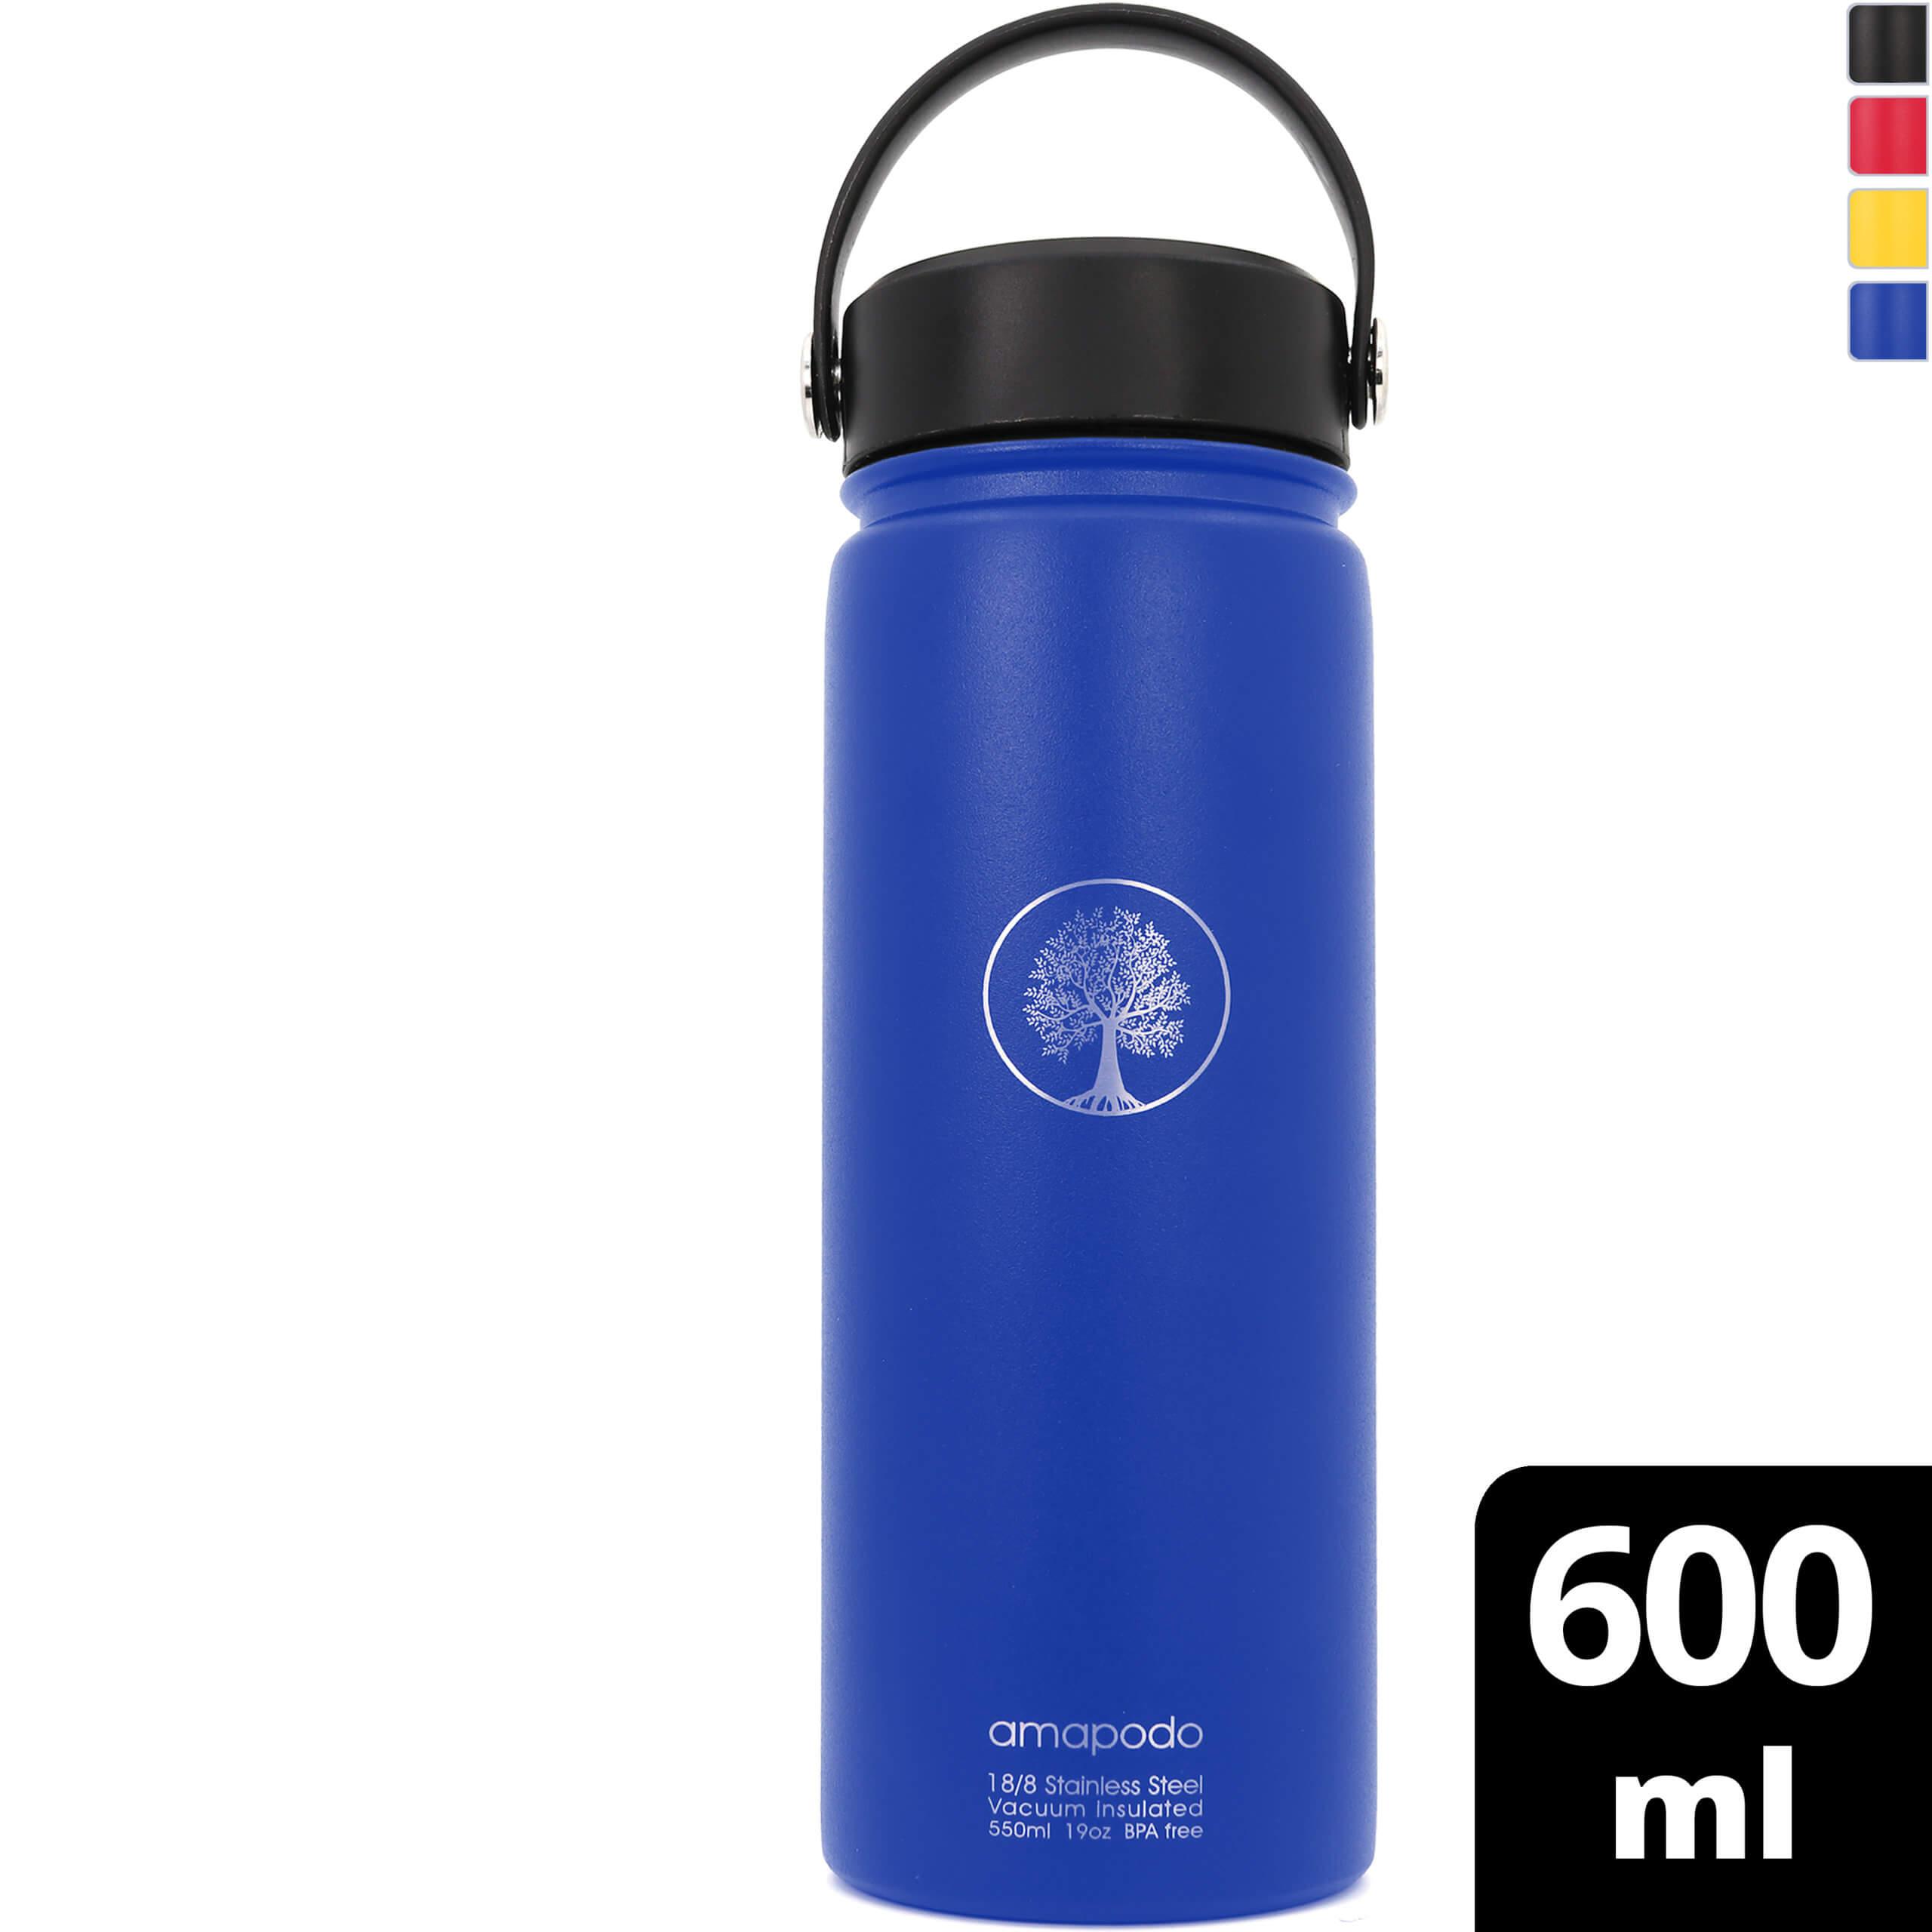 amapodo Edelstahl Wasserflasche Blau isoliert 600ml für Fahrrad Camping Fitness Kinder Outdoor Schule Sport